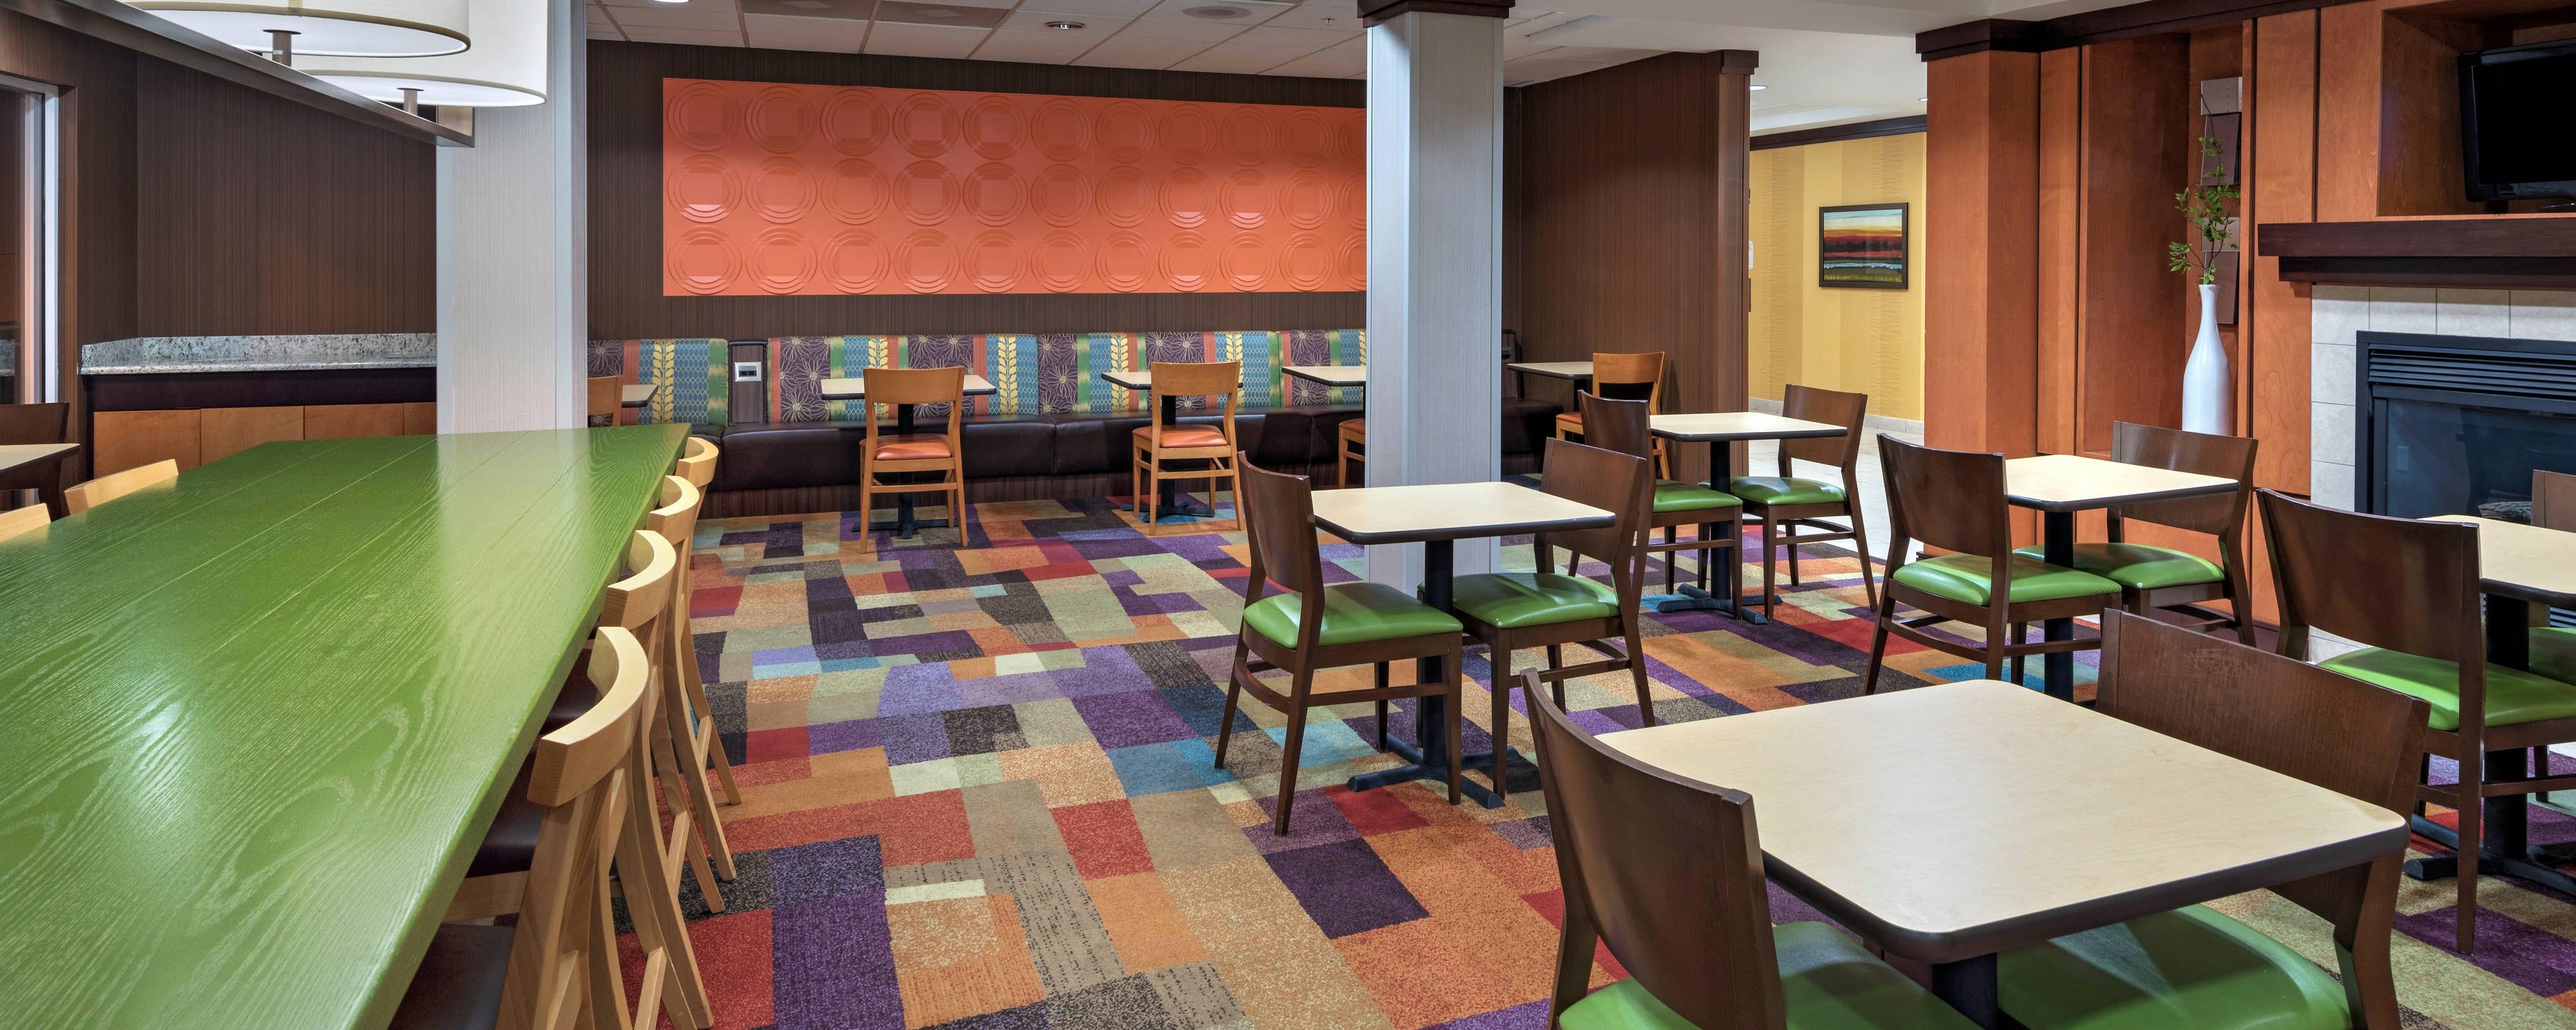 Fairfield by Marriott Inn & Suites